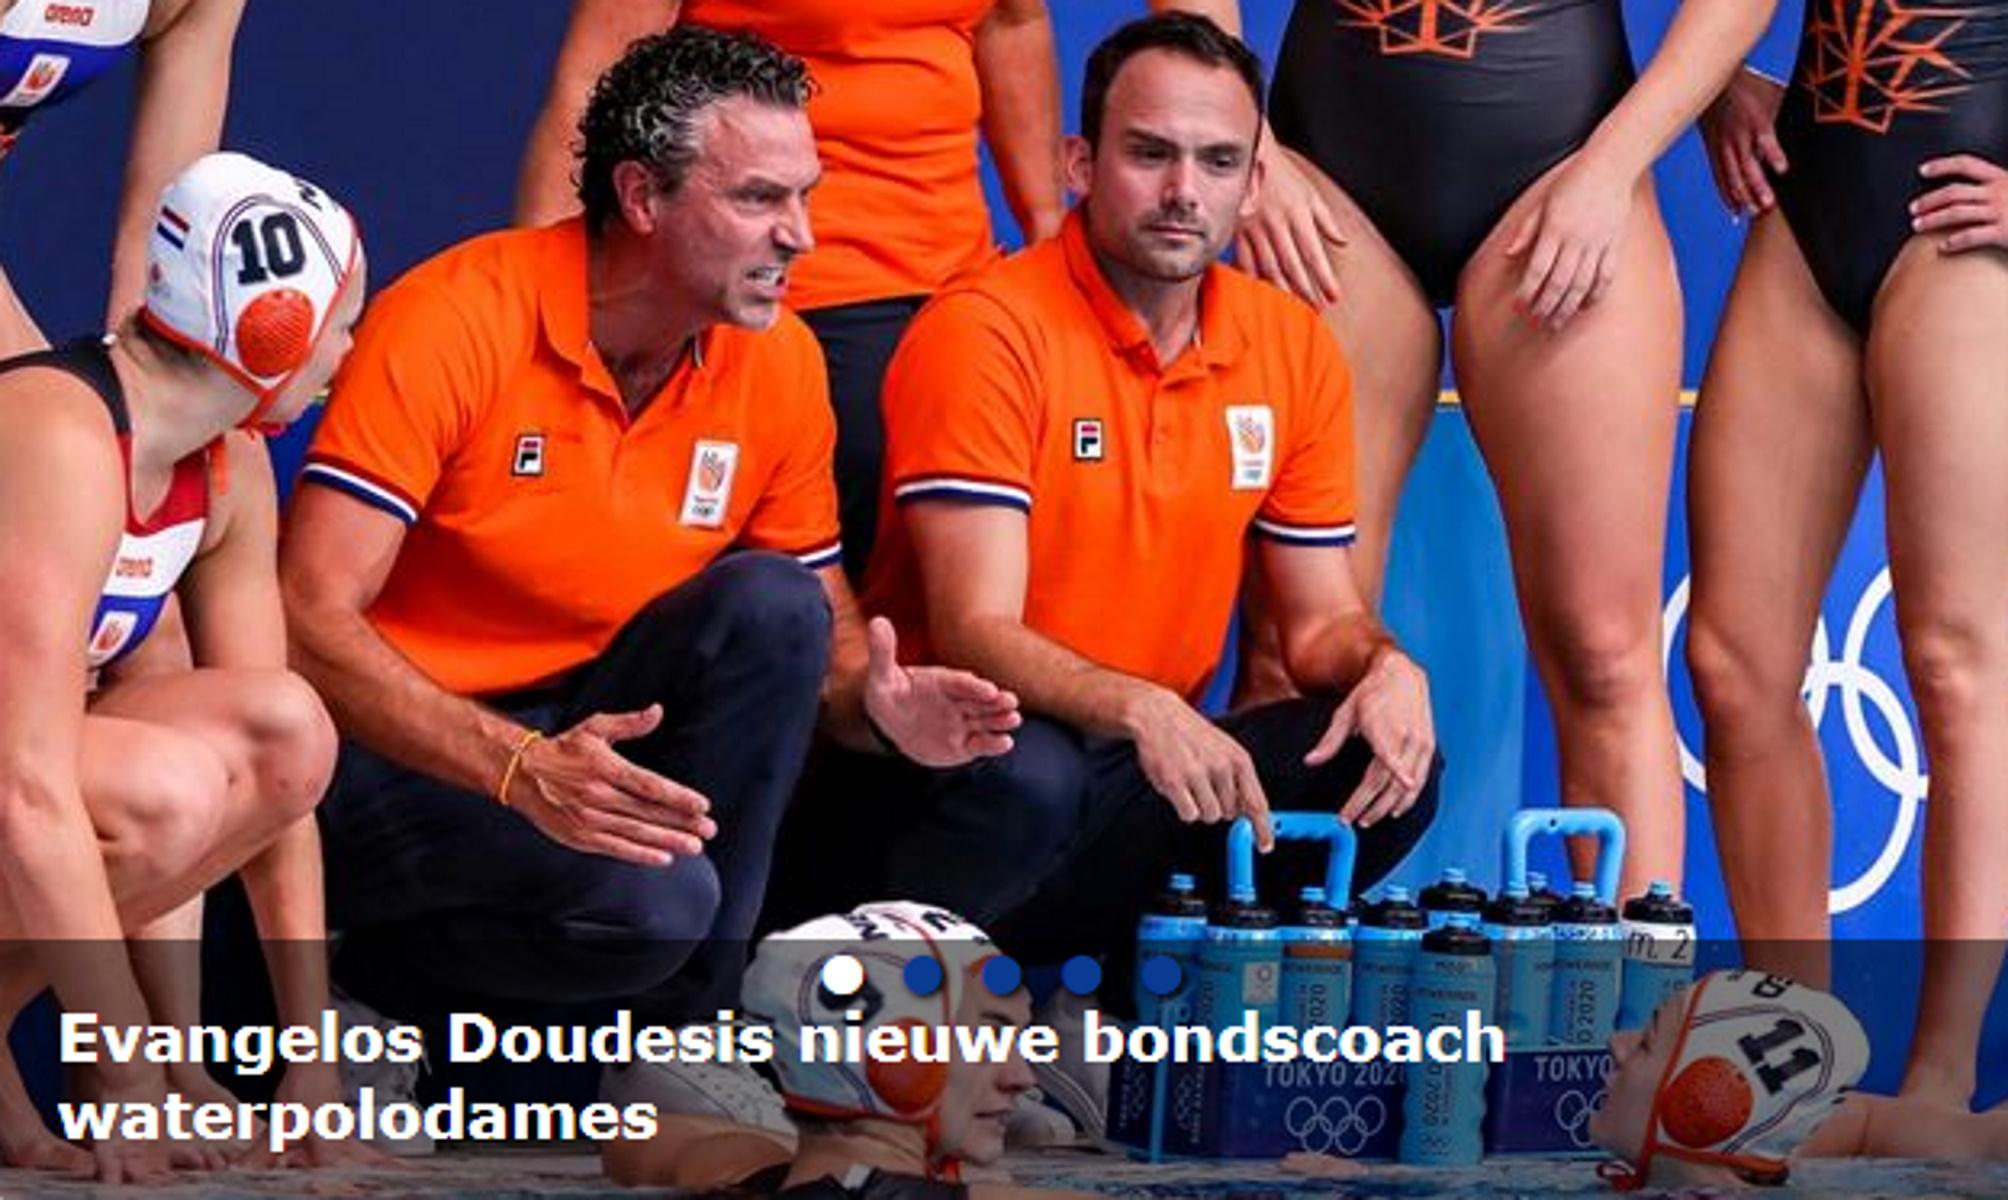 Ο Δουδέσης ανέλαβε την εθνική πόλο της Ολλανδίας στις γυναίκες